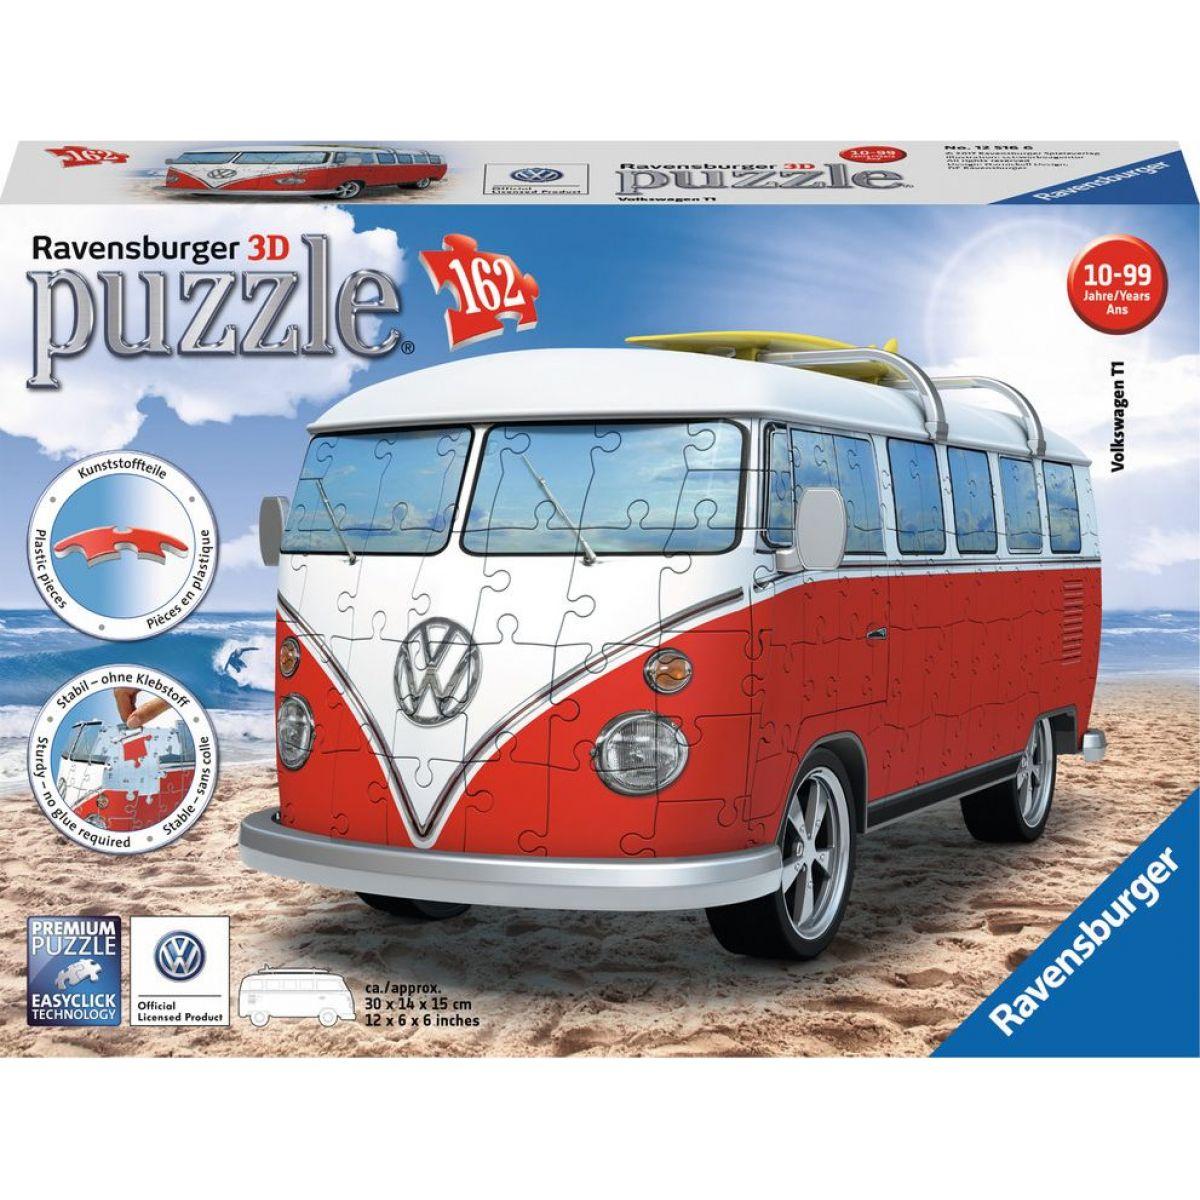 Ravensburger VW autobus 3D puzzle 162 dílků